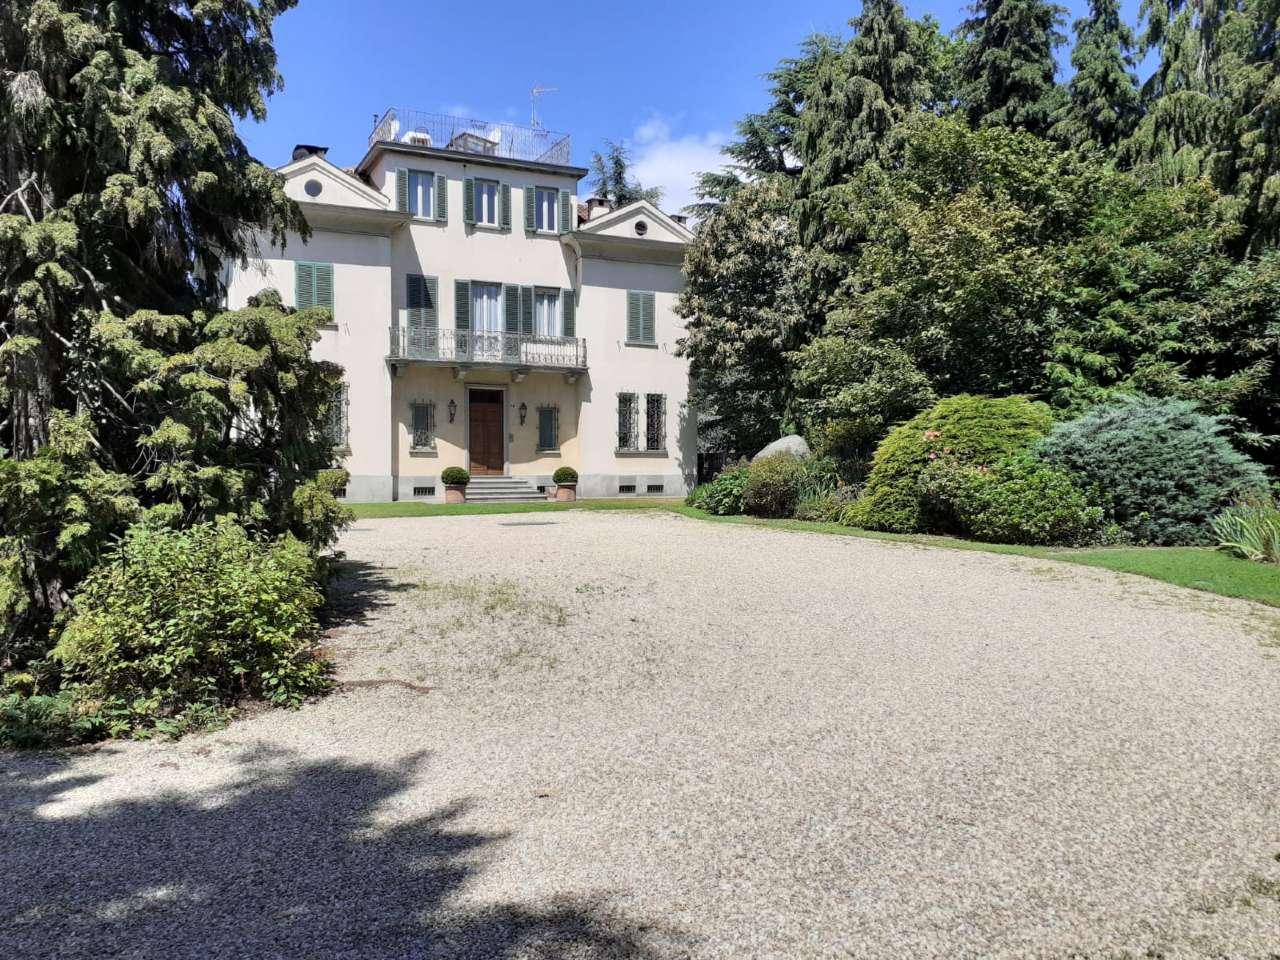 Attico / Mansarda in vendita a Moncalieri, 5 locali, prezzo € 430.000 | PortaleAgenzieImmobiliari.it